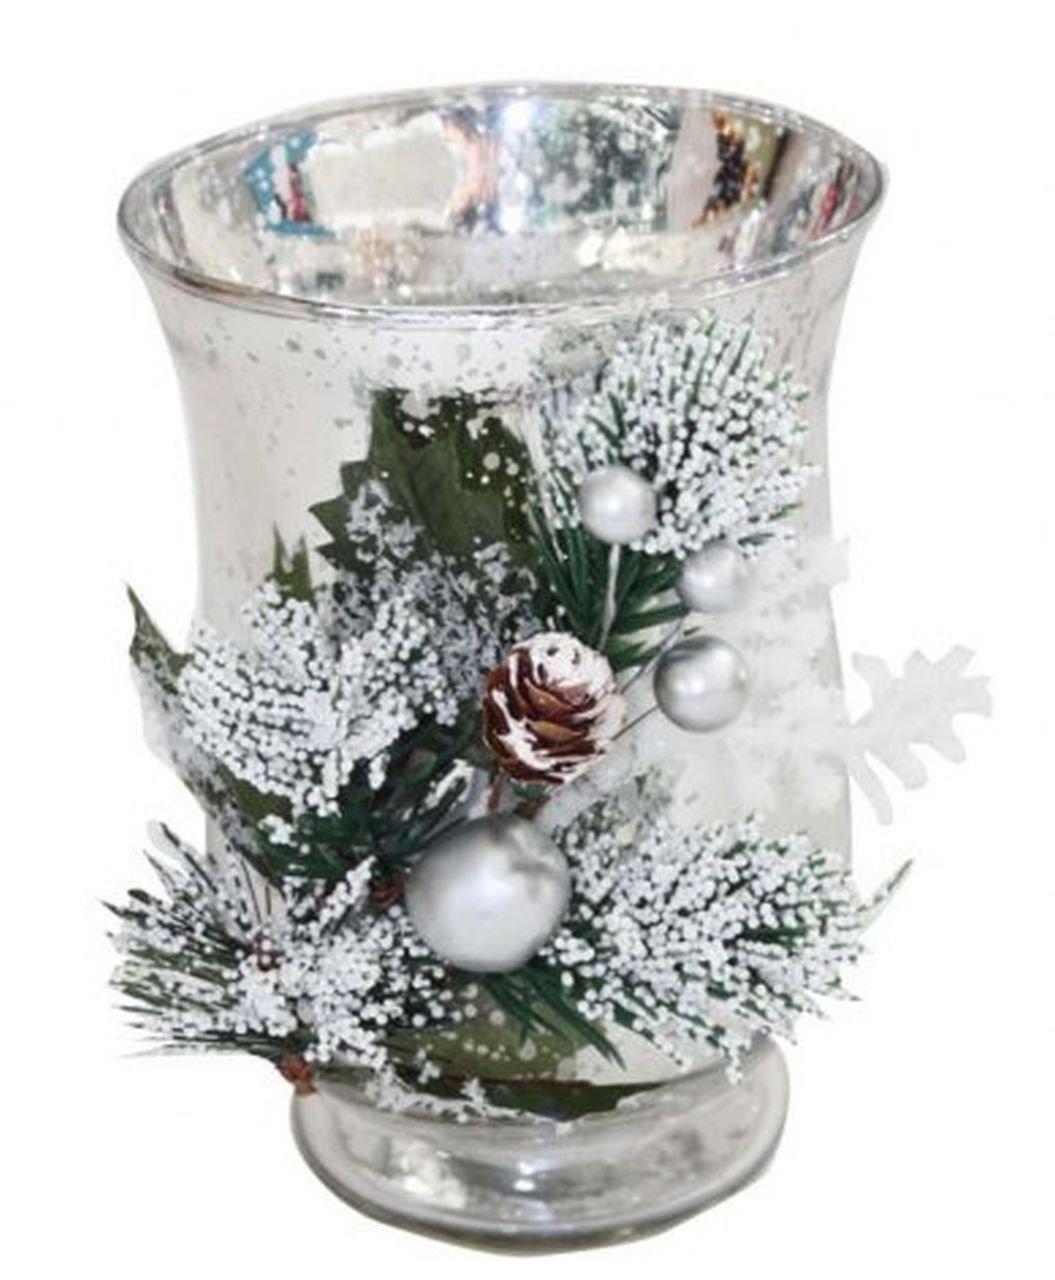 Ten Portacandela di Natale natalizio bicchiere argentato - cod. EL32031 - Lun.12, 2 cm - Lar.12, 2 cm - Alt.16, 7 cm - Ø12, 2 cm by Varotto & Co.